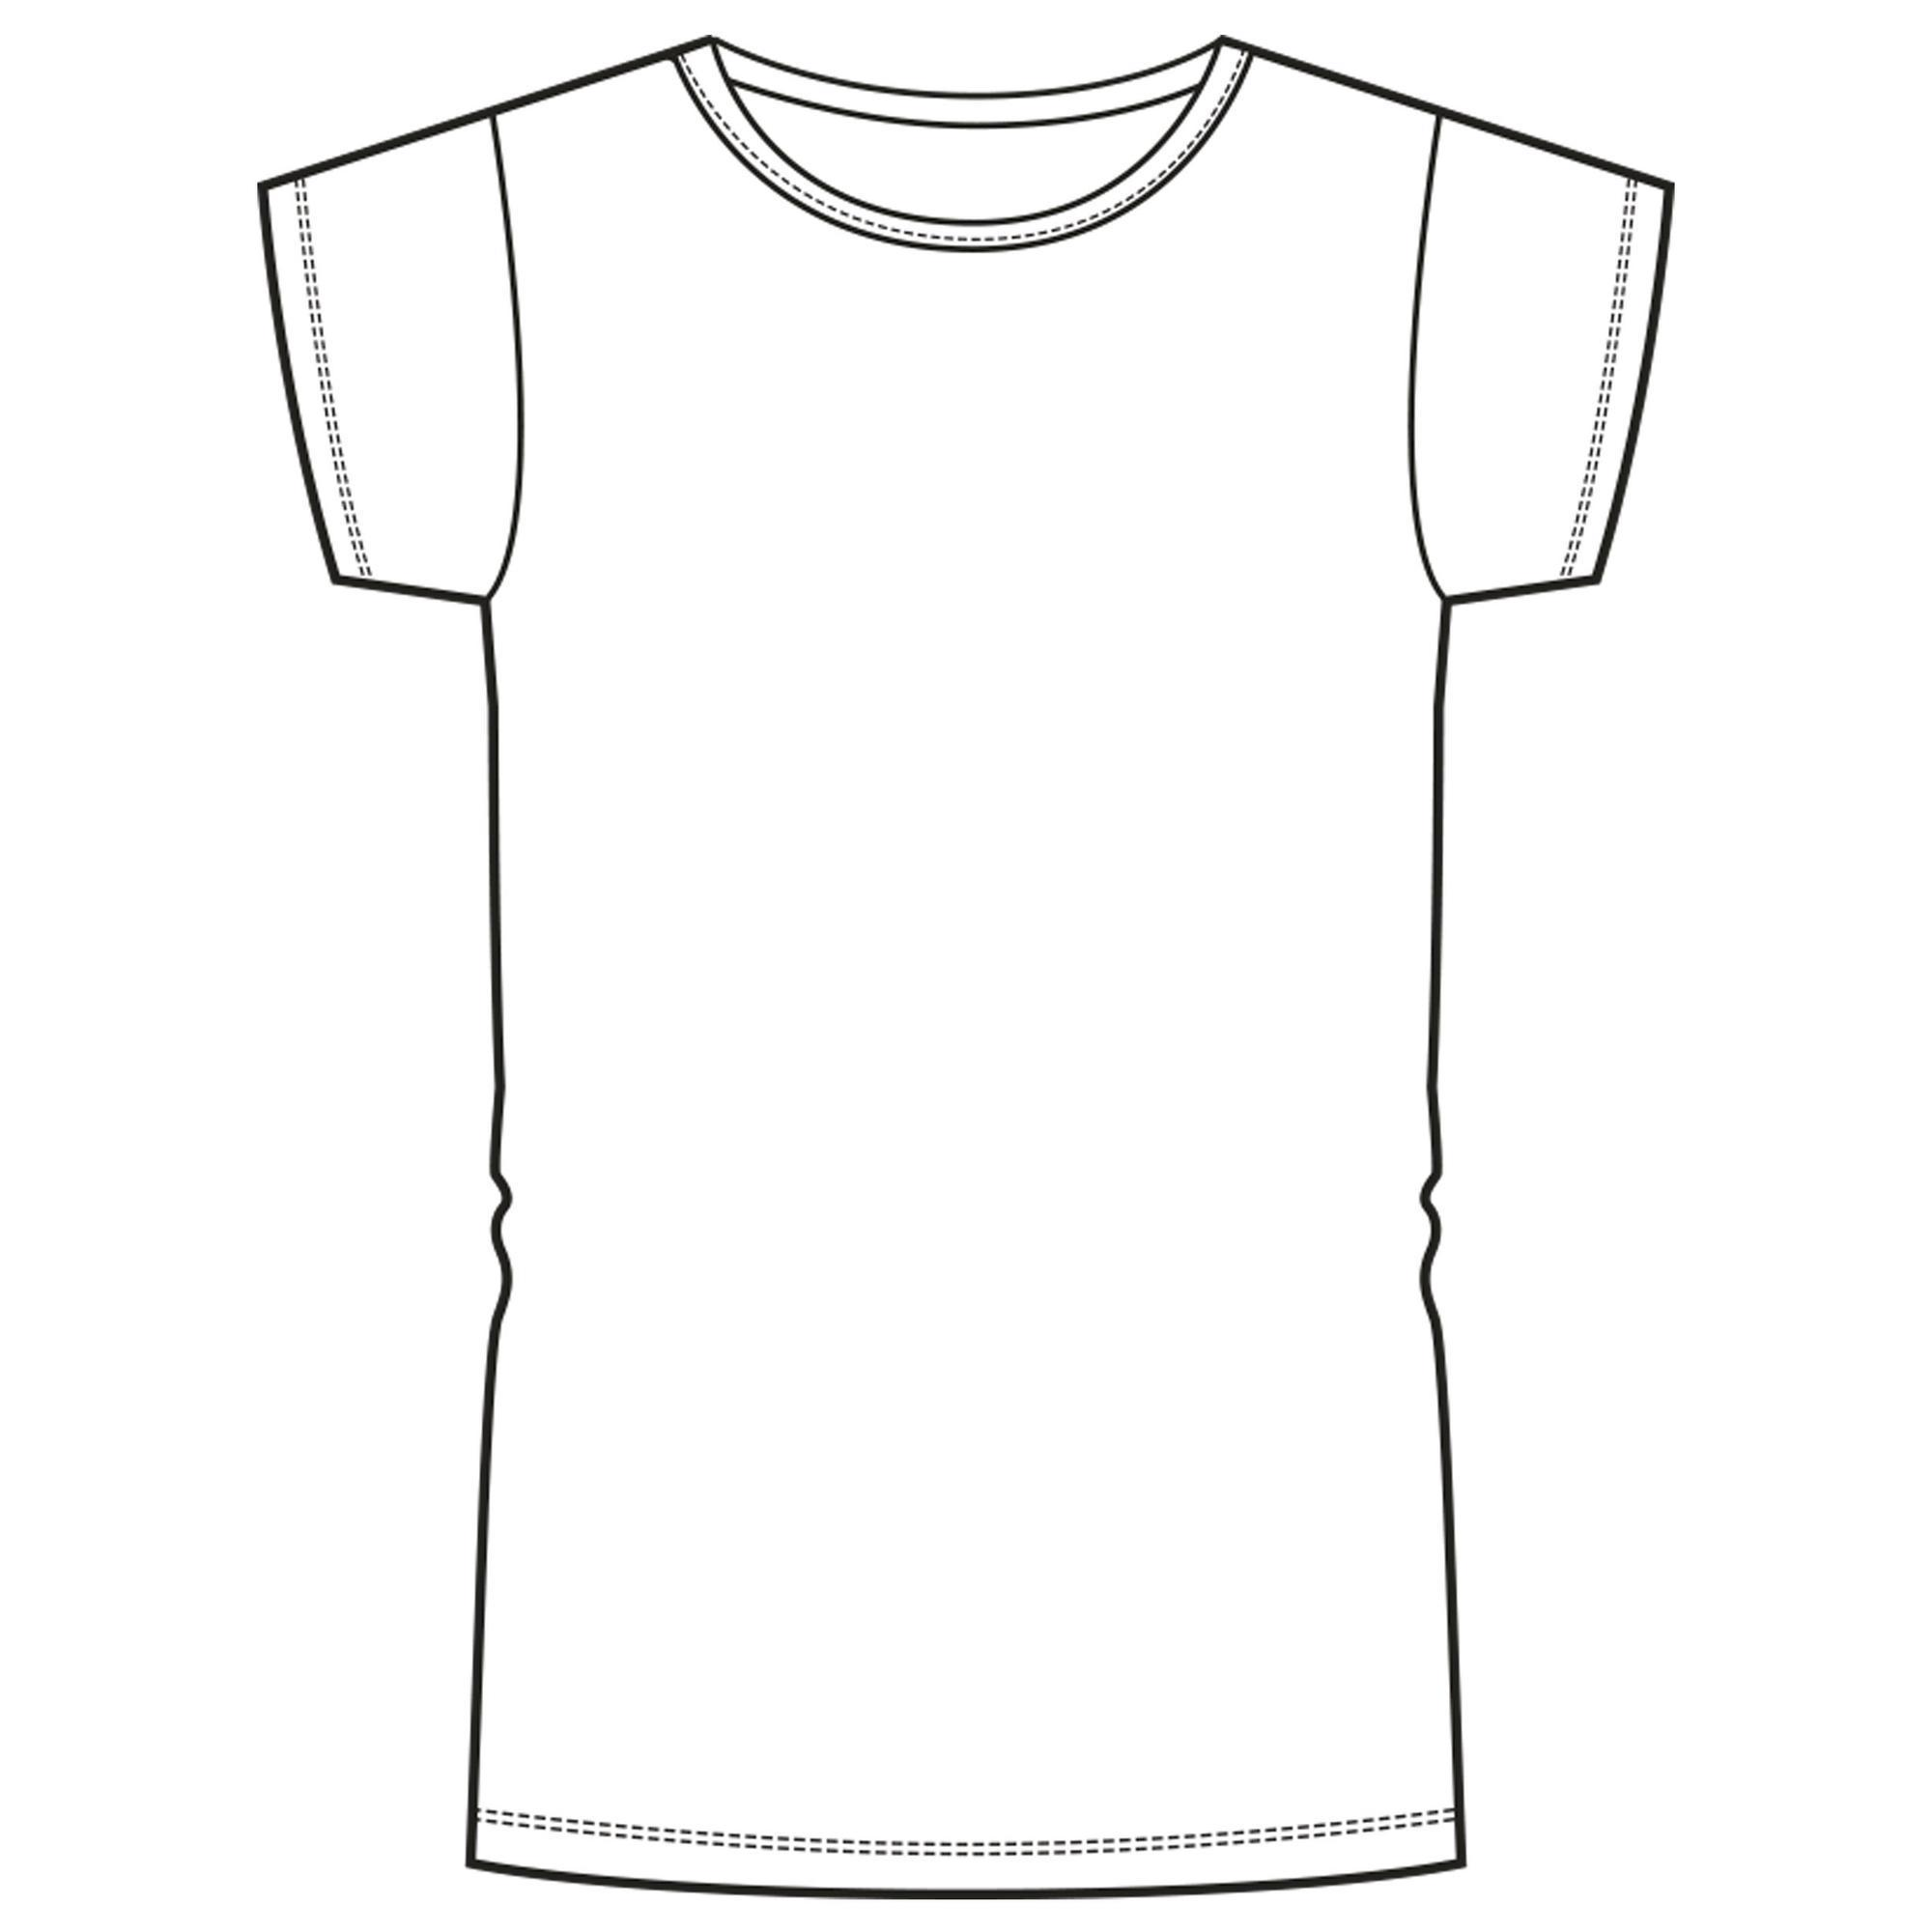 8f32dfd46c484 T-Shirt manches courtes 100 fille GYM ENFANT blanc